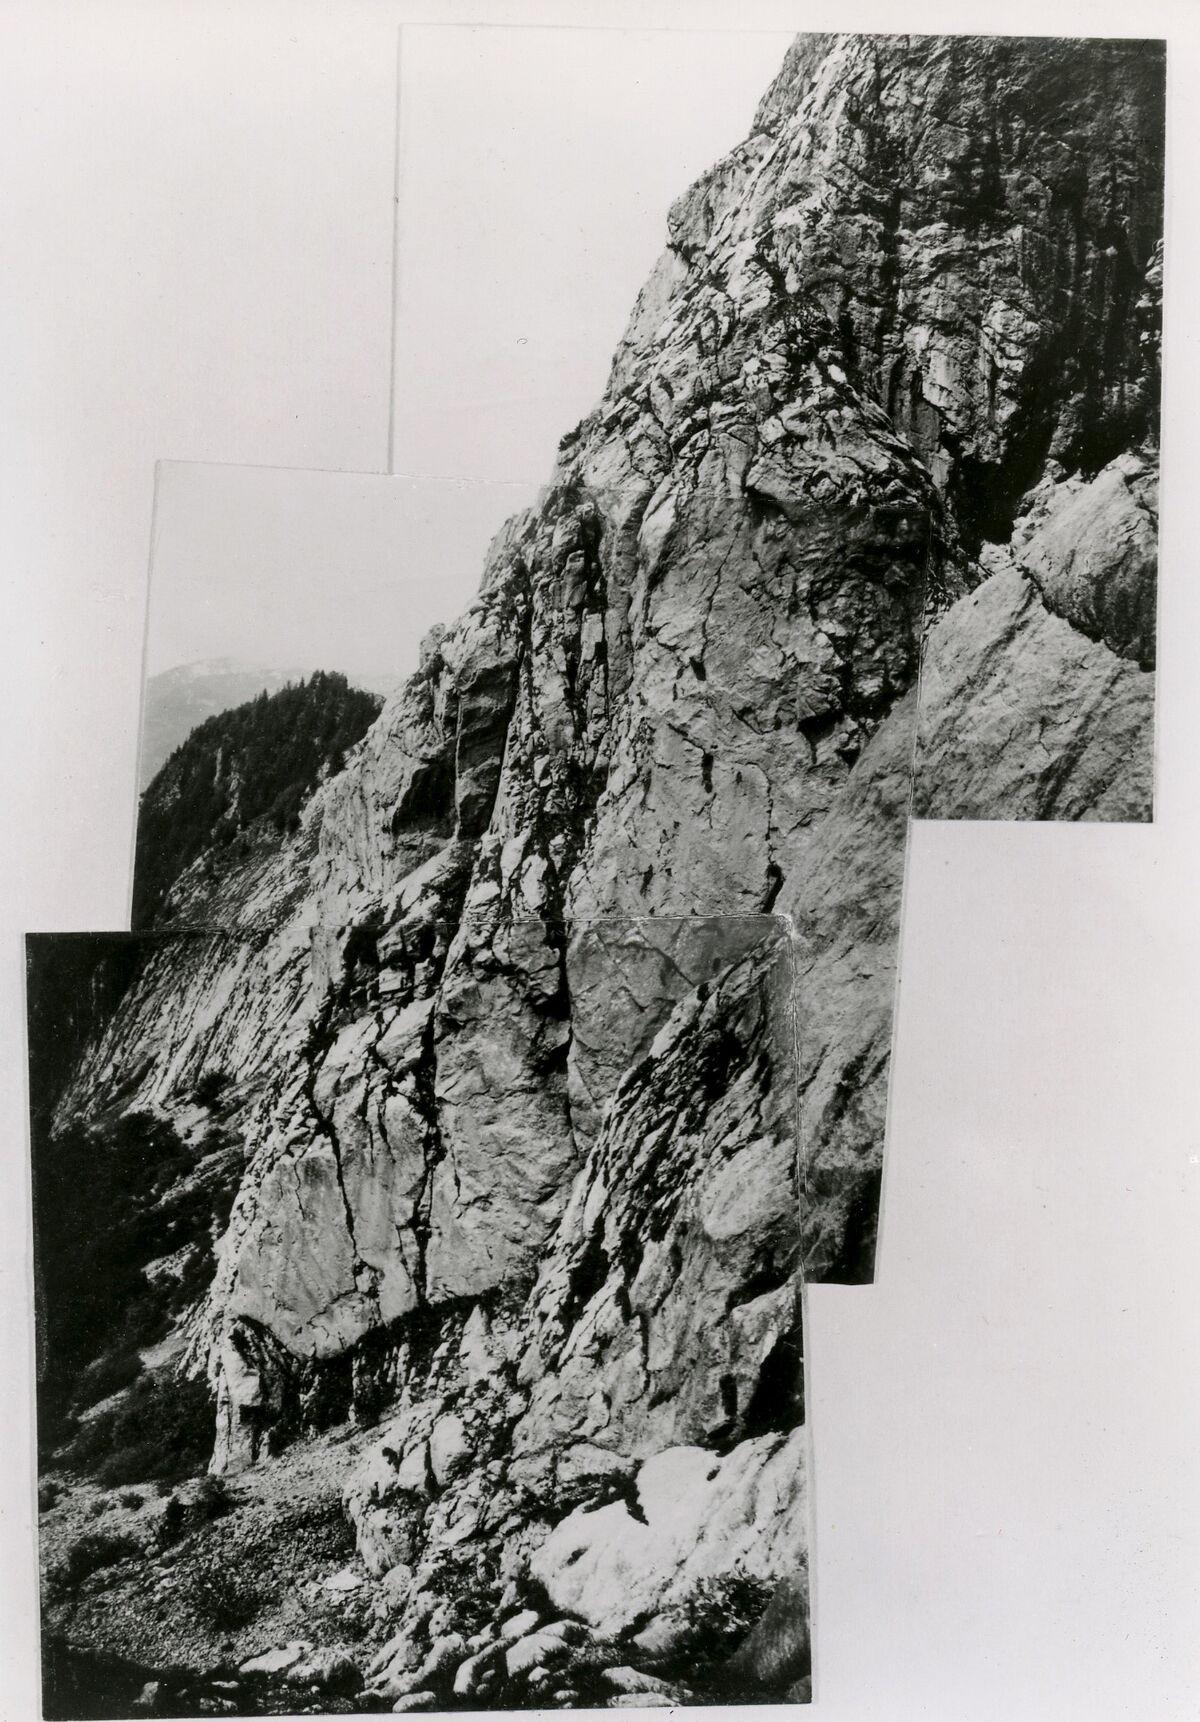 EBA 2/321.15: Landschaftsaufnahmen Gonzen aussen, Collage